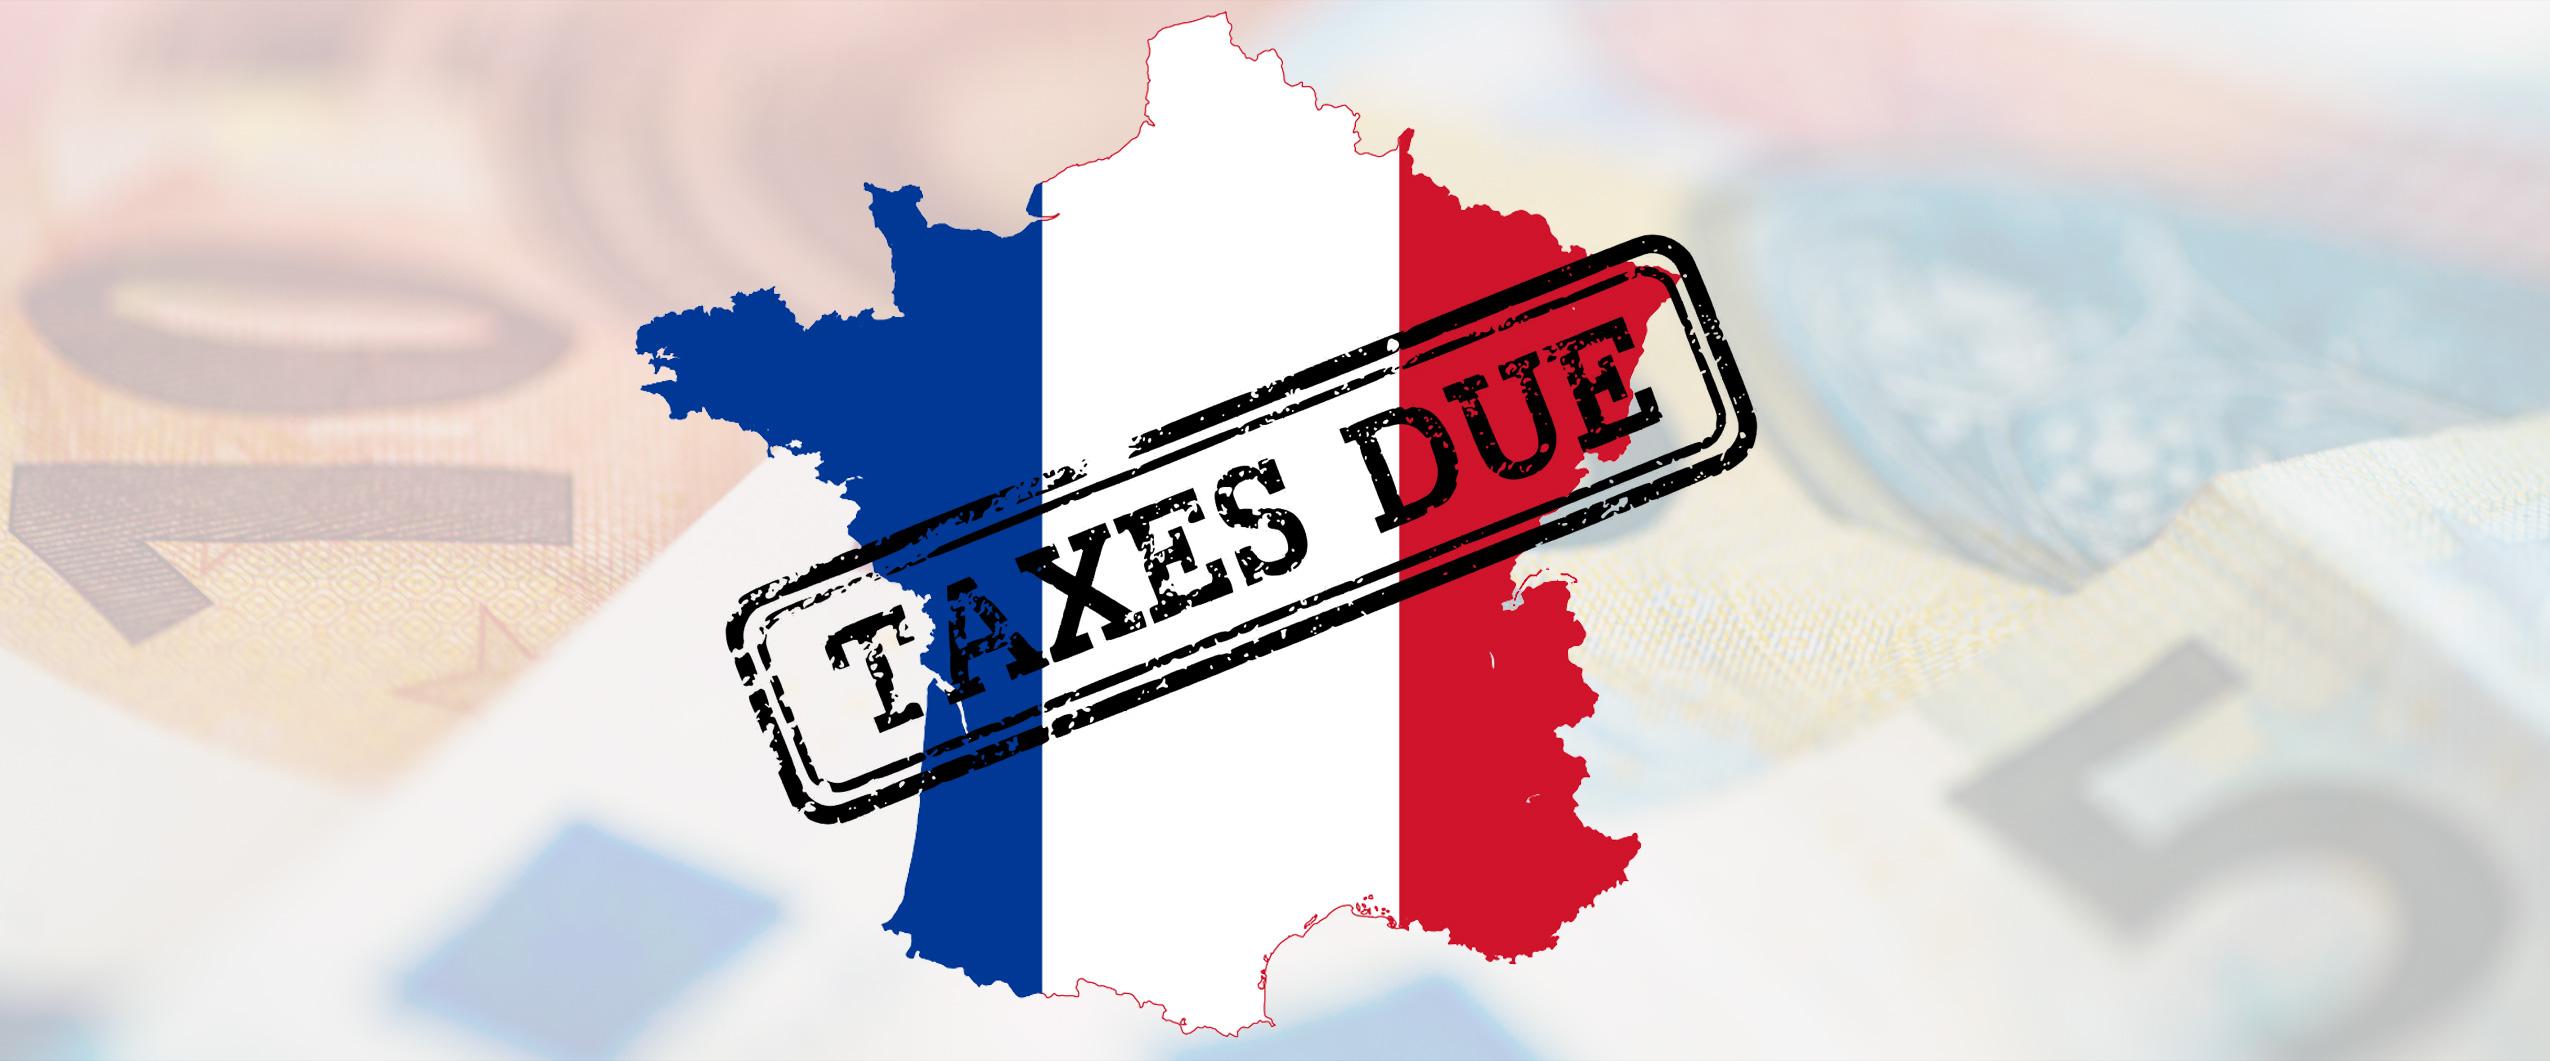 Франция введет налог на цифровой бизнес, не дожидаясь международных соглашений